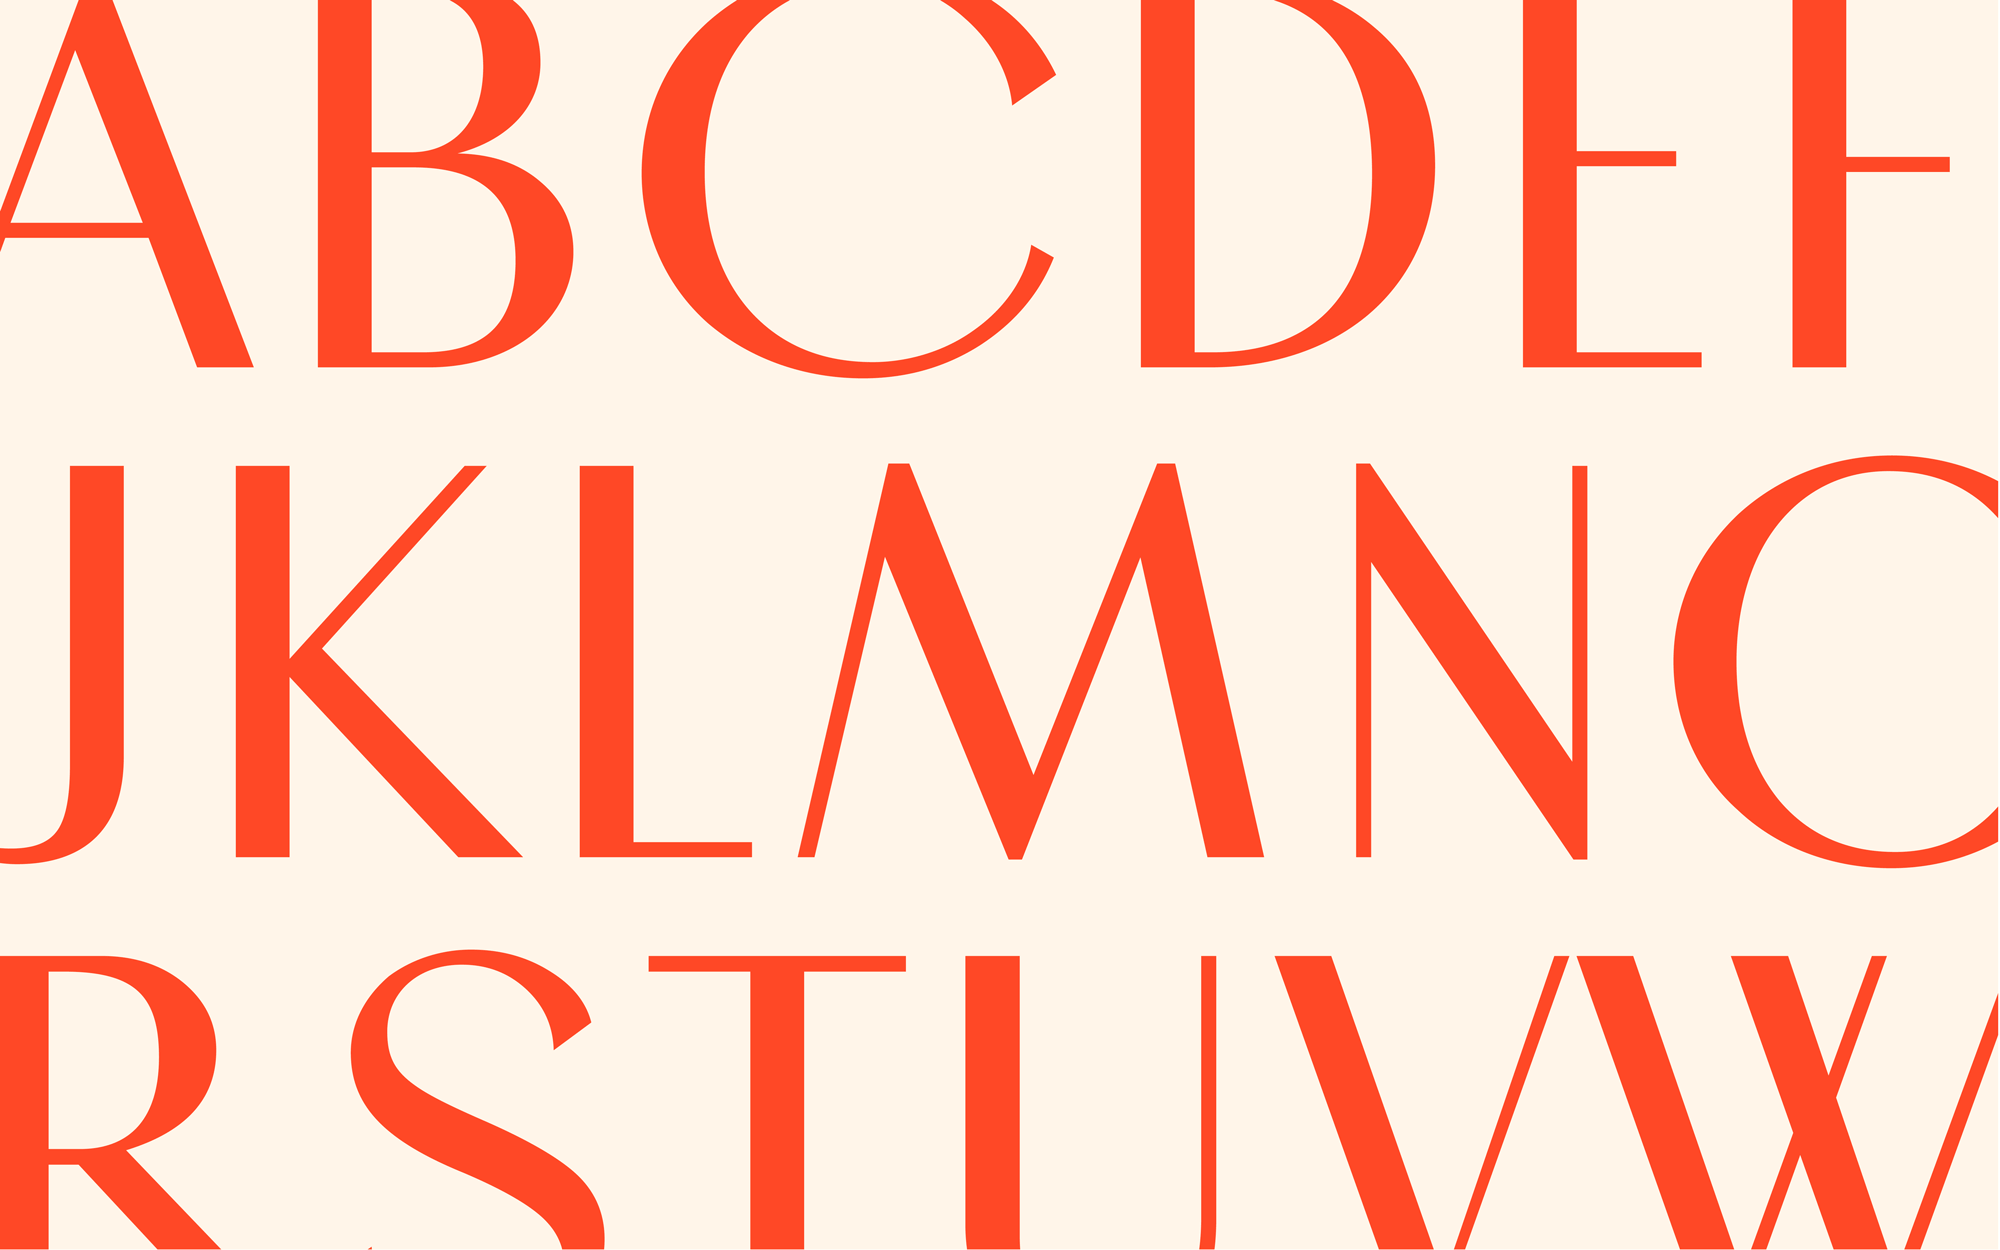 EIGA_SEG_Brand_Design_03